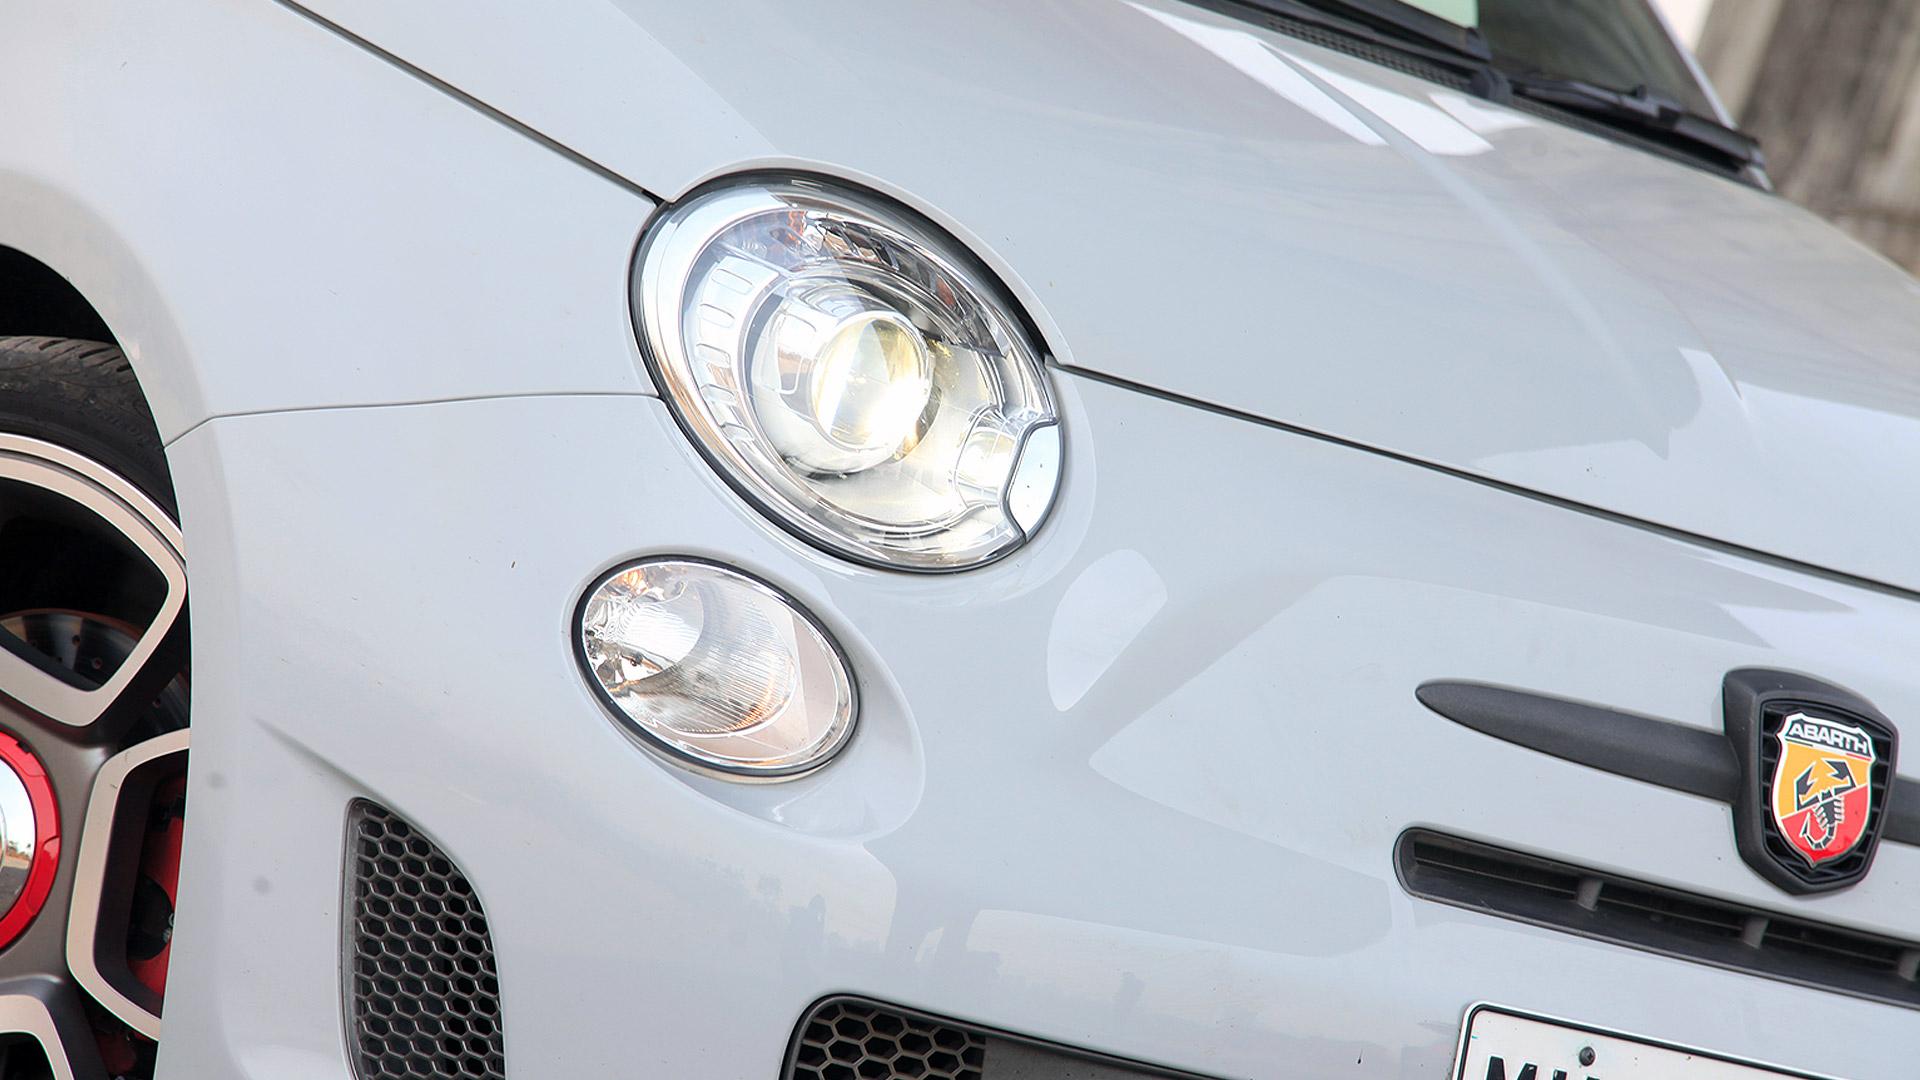 Fiat Abarth 595 2015 Competizione Exterior